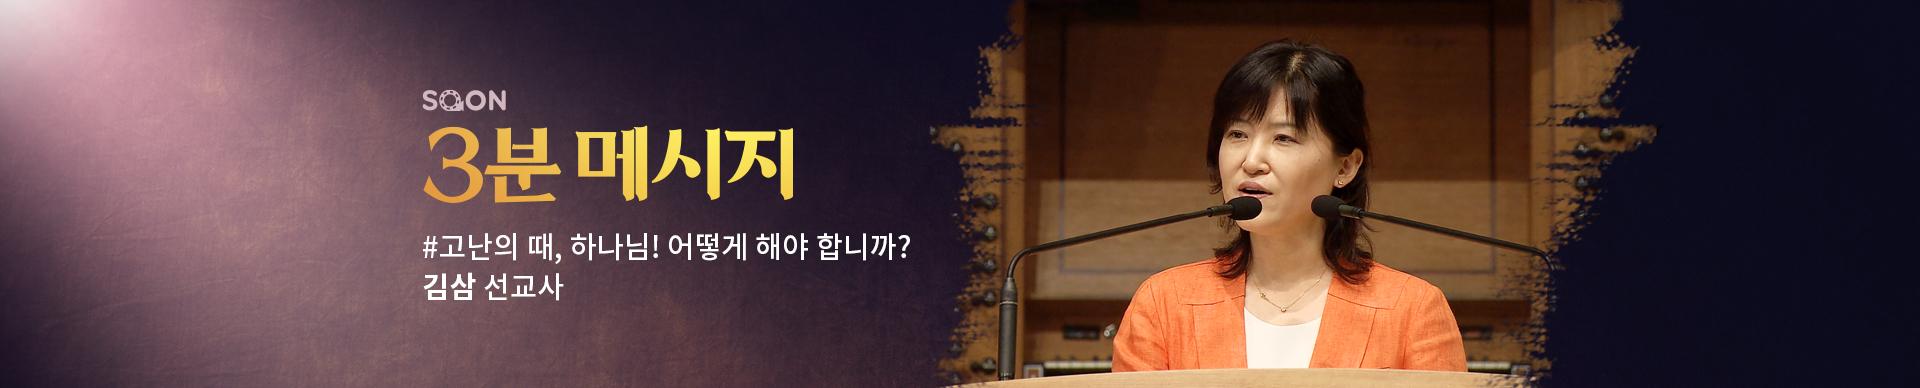 3분메시지_약할 때 강함 되시네_김삼 선교사